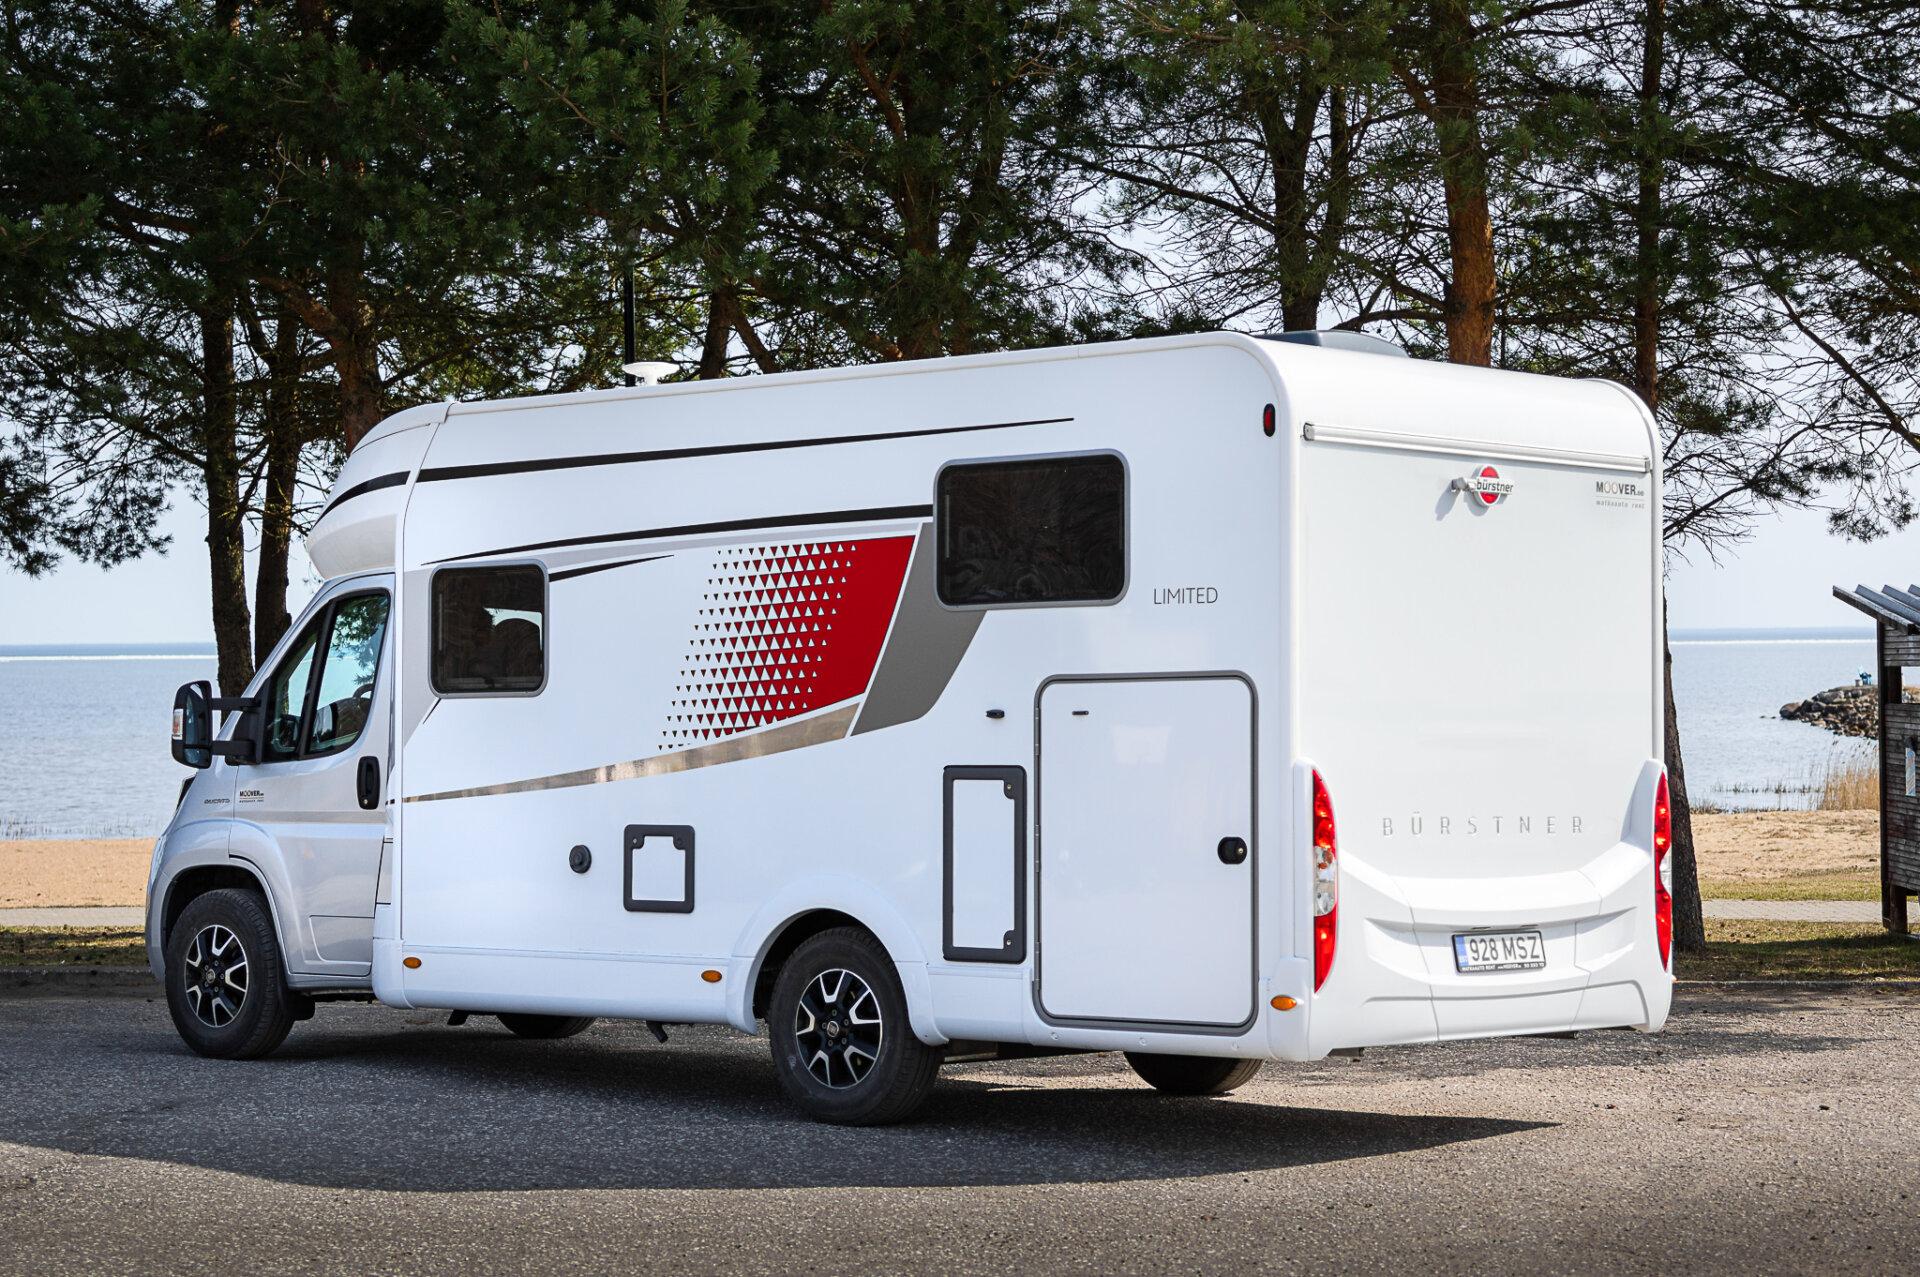 Matkaautoga-Fiat-Burstner-lyseo-limited-690-2